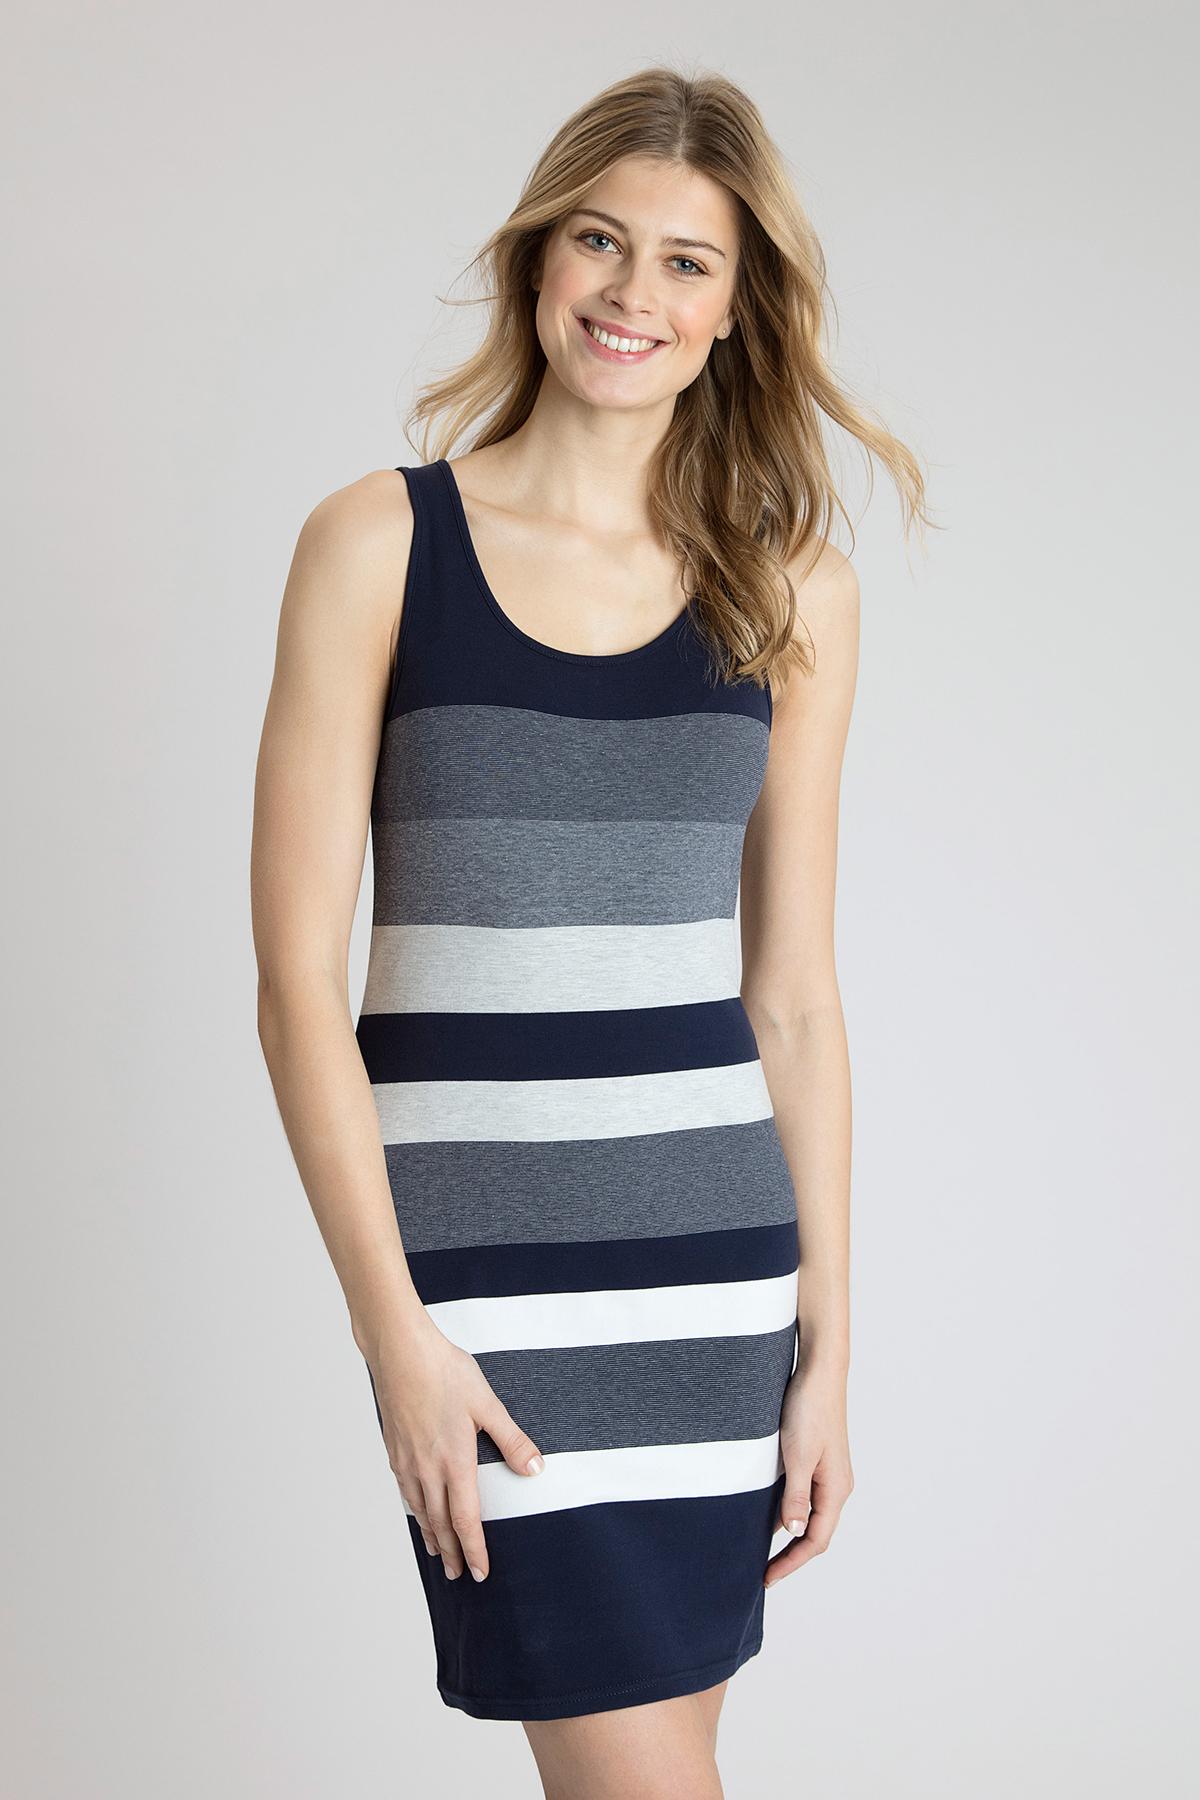 Marineblau/wollweiß Kleid von Bon'A Parte – Shoppen Sie Marineblau/wollweiß Kleid ab Gr. S-2XL hier